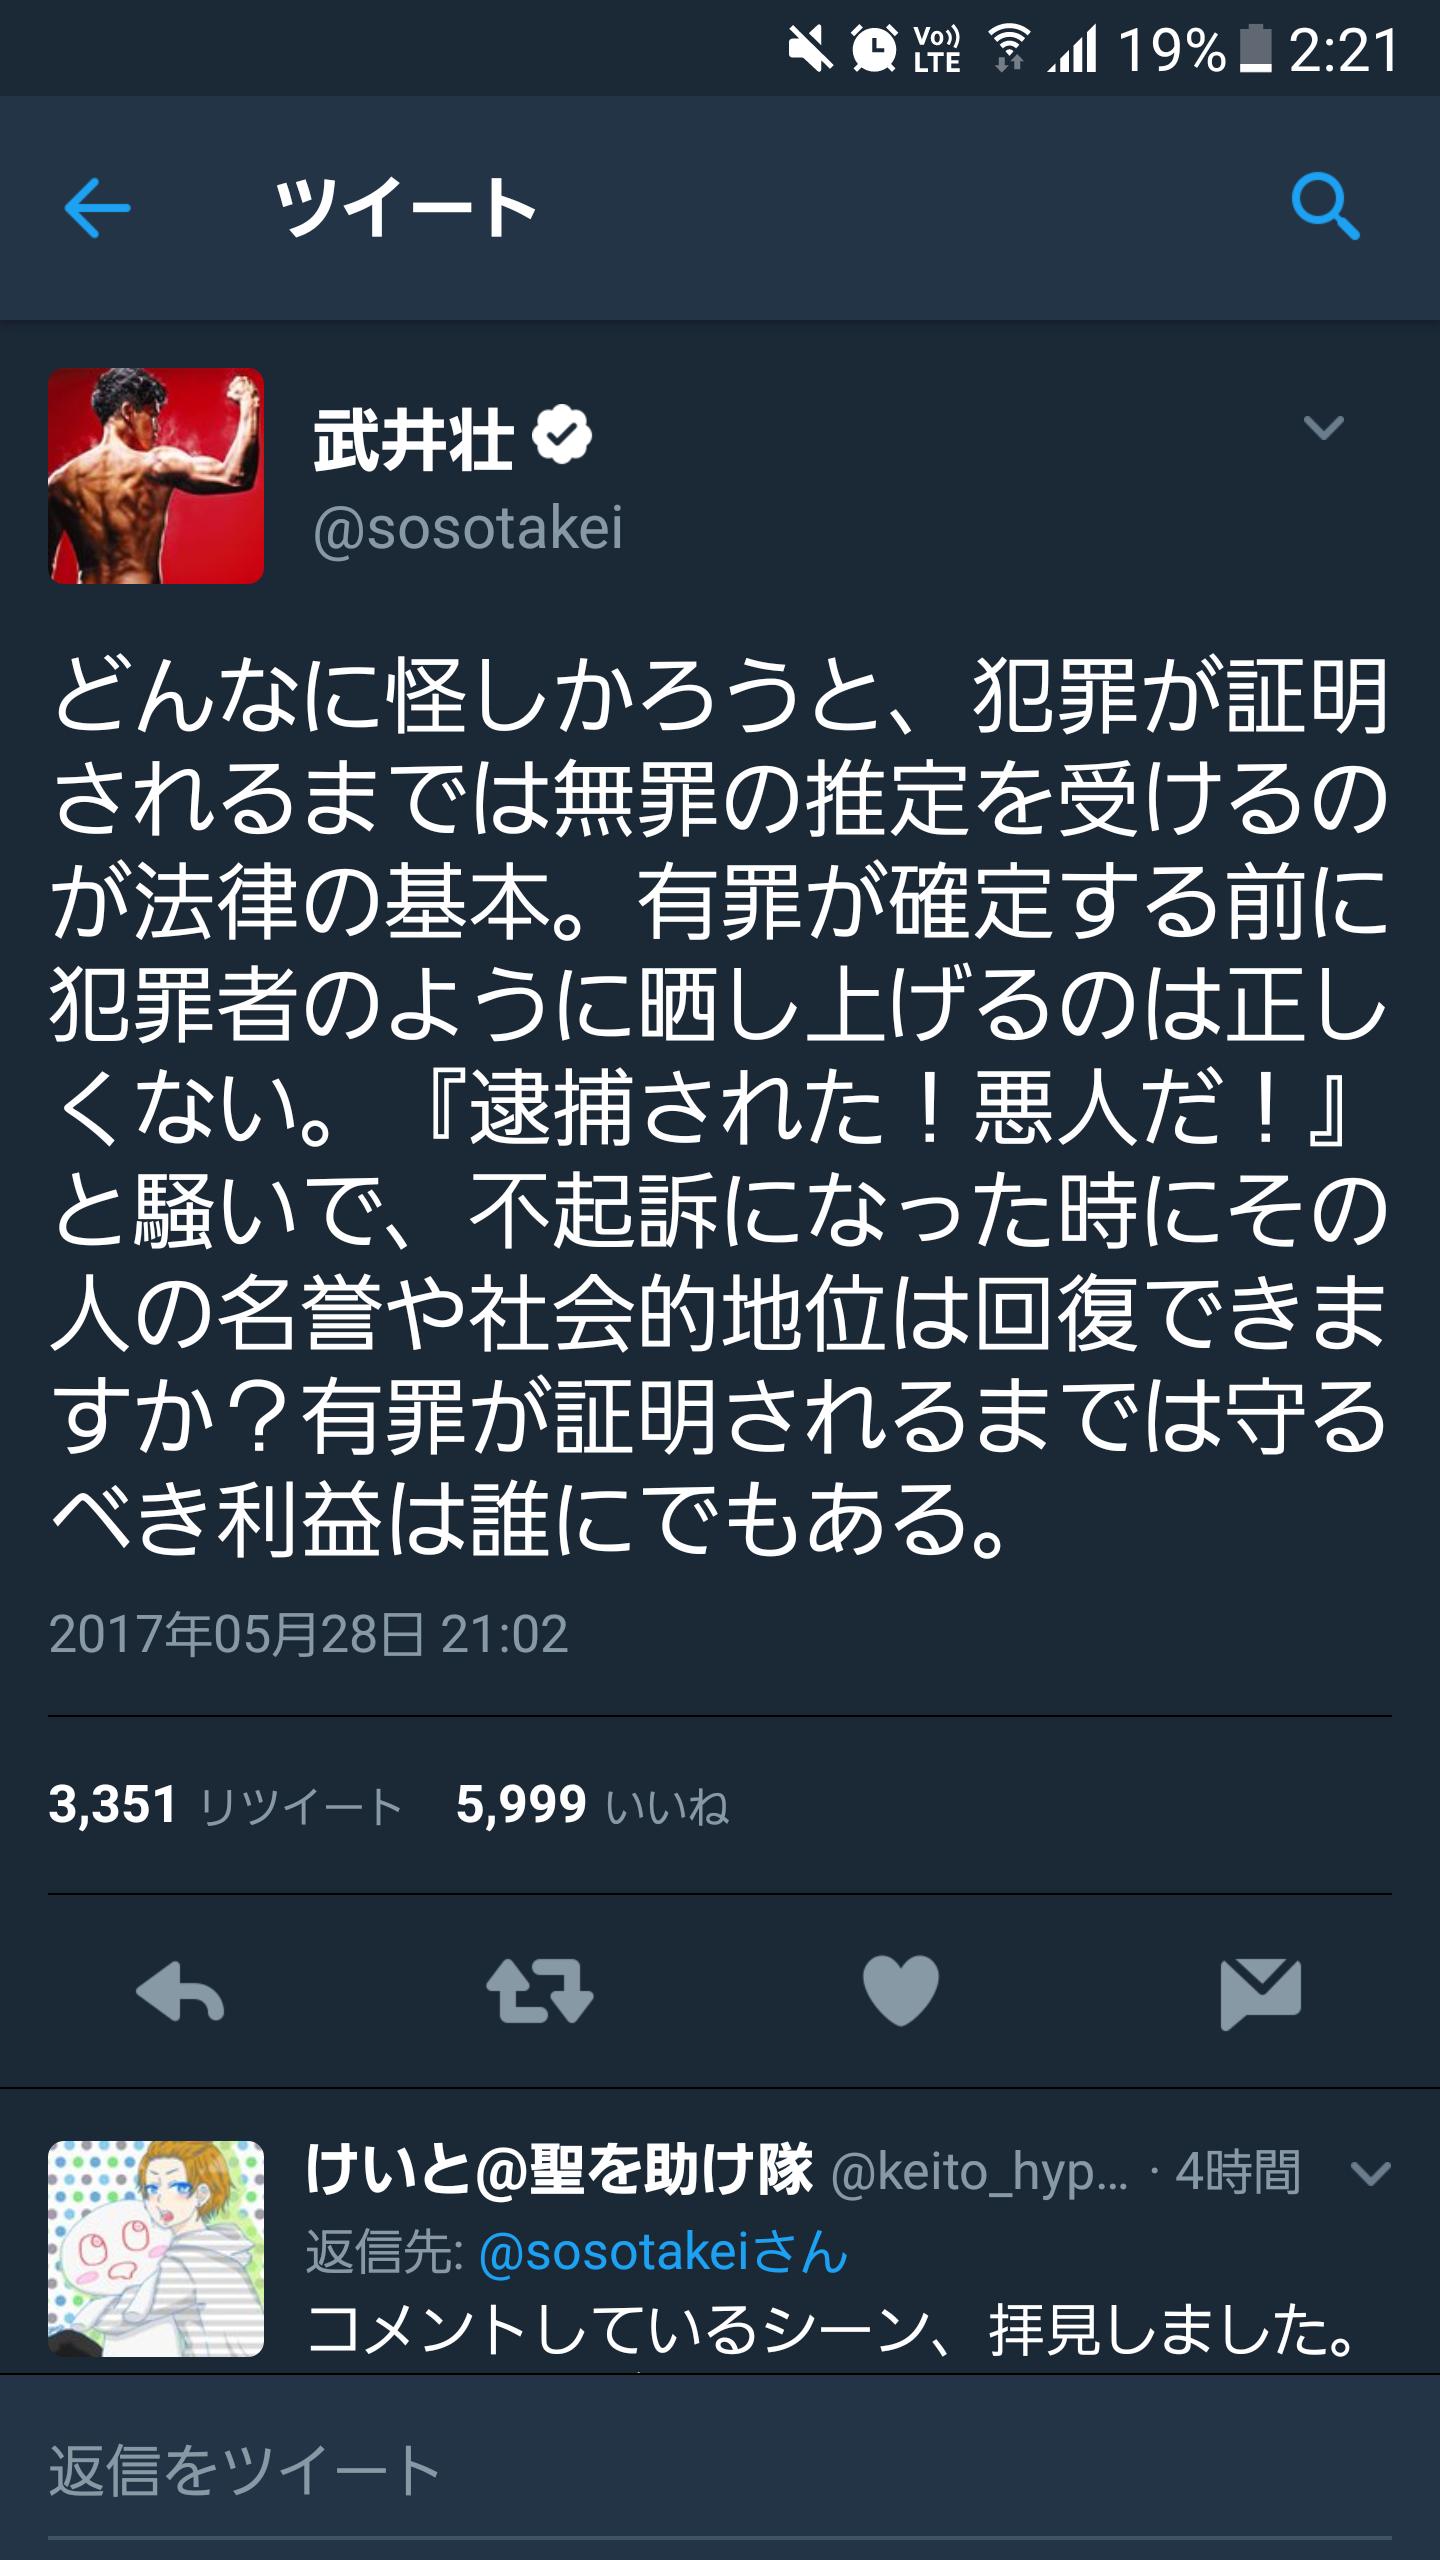 武井壮、ツイッターでとんでもない正論を吐く